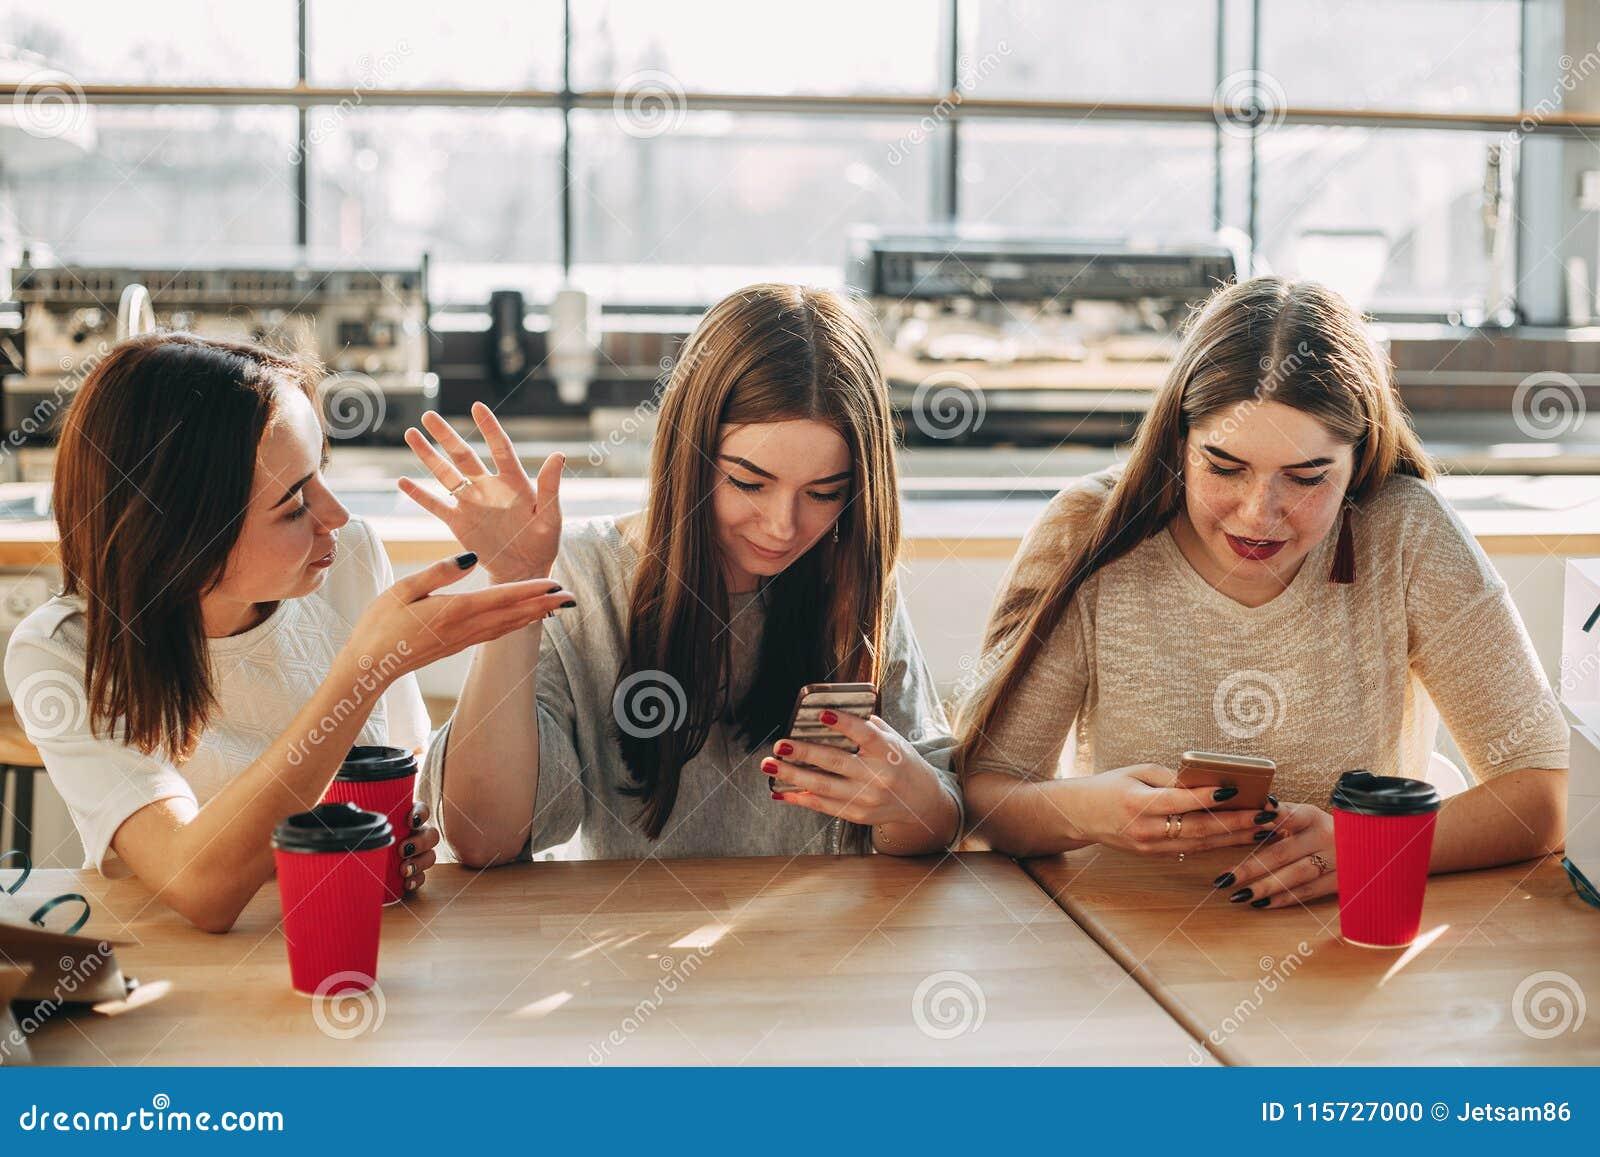 Con ella online hable Ver Hable